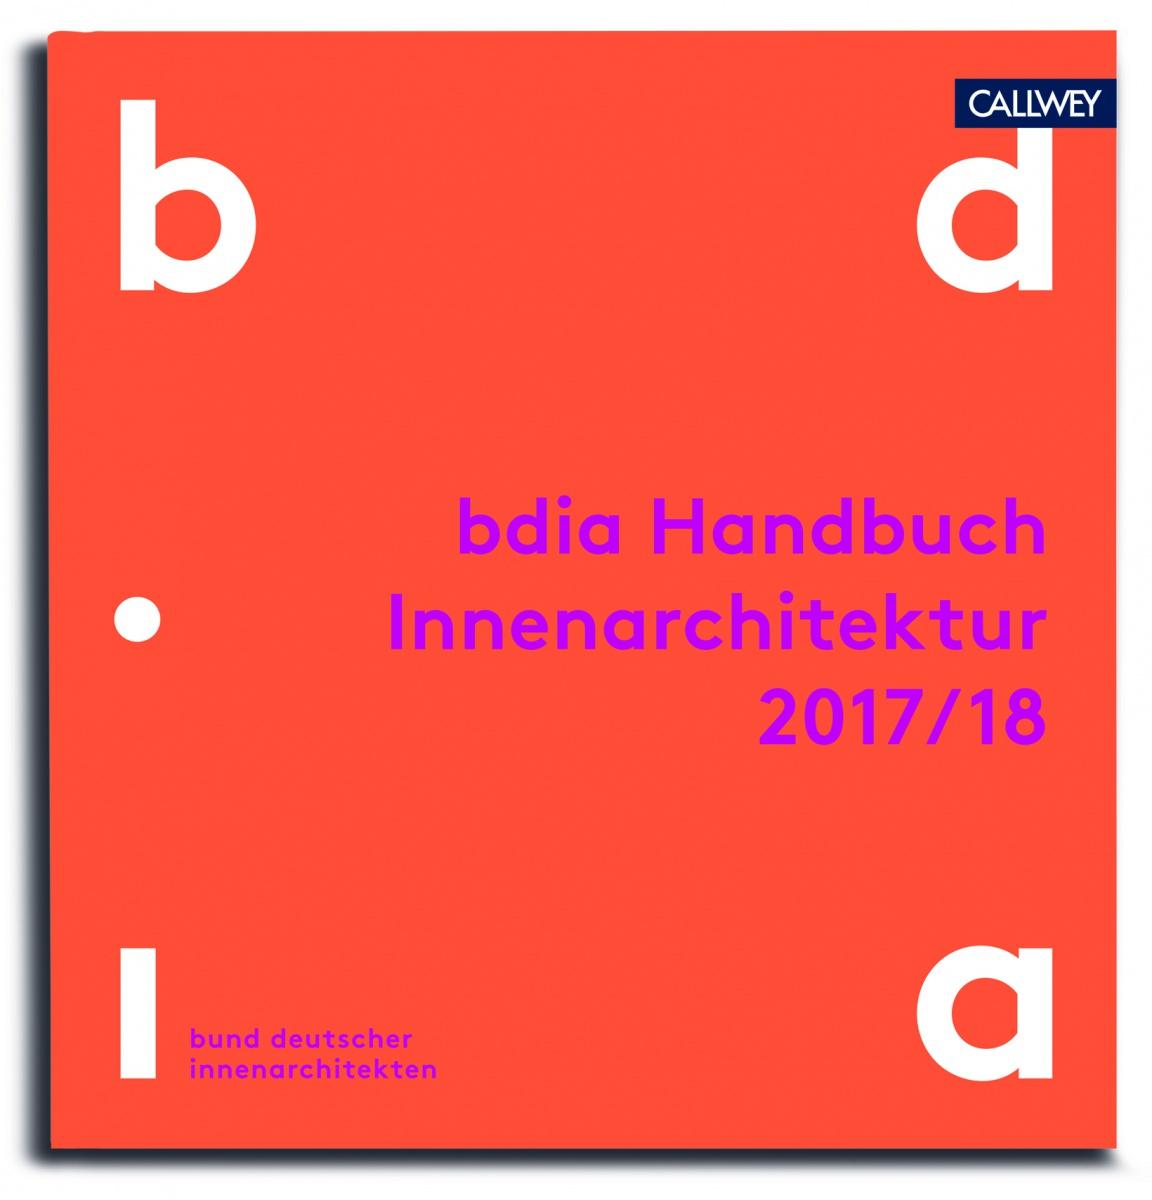 bdia Handbuch der Innenarchitektur 2017/18